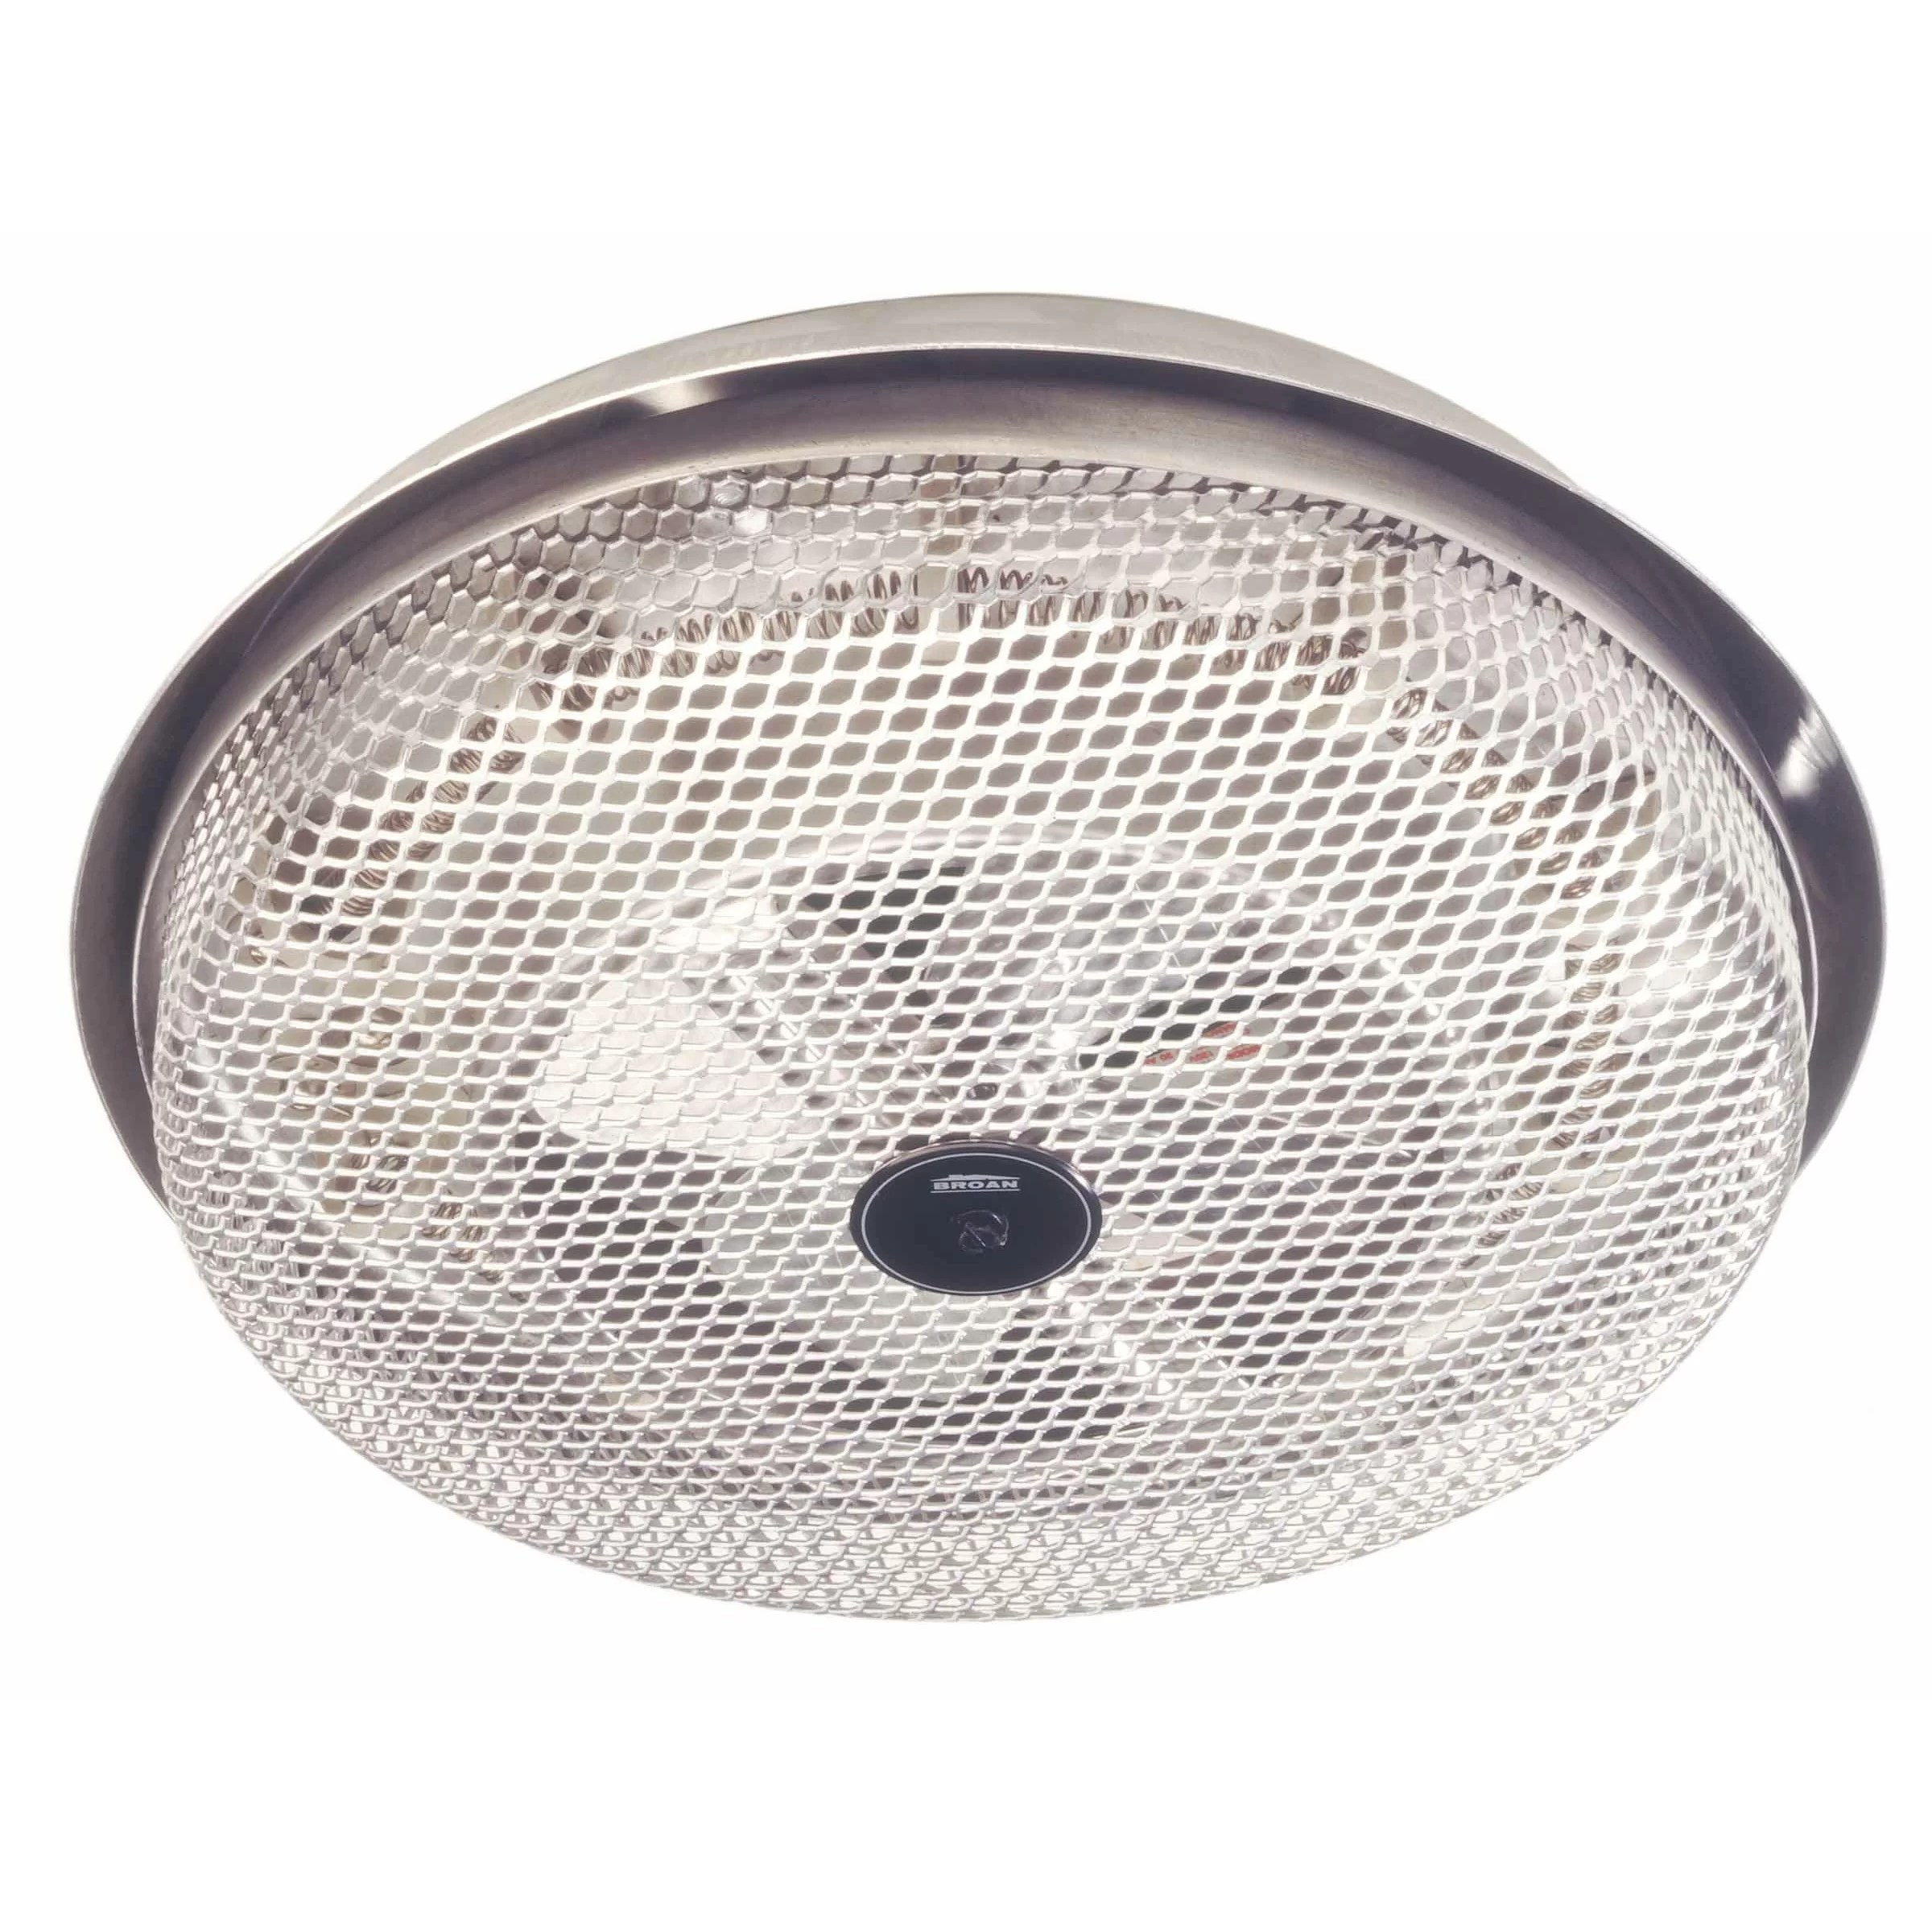 154 Heater Broan Mount Ceiling